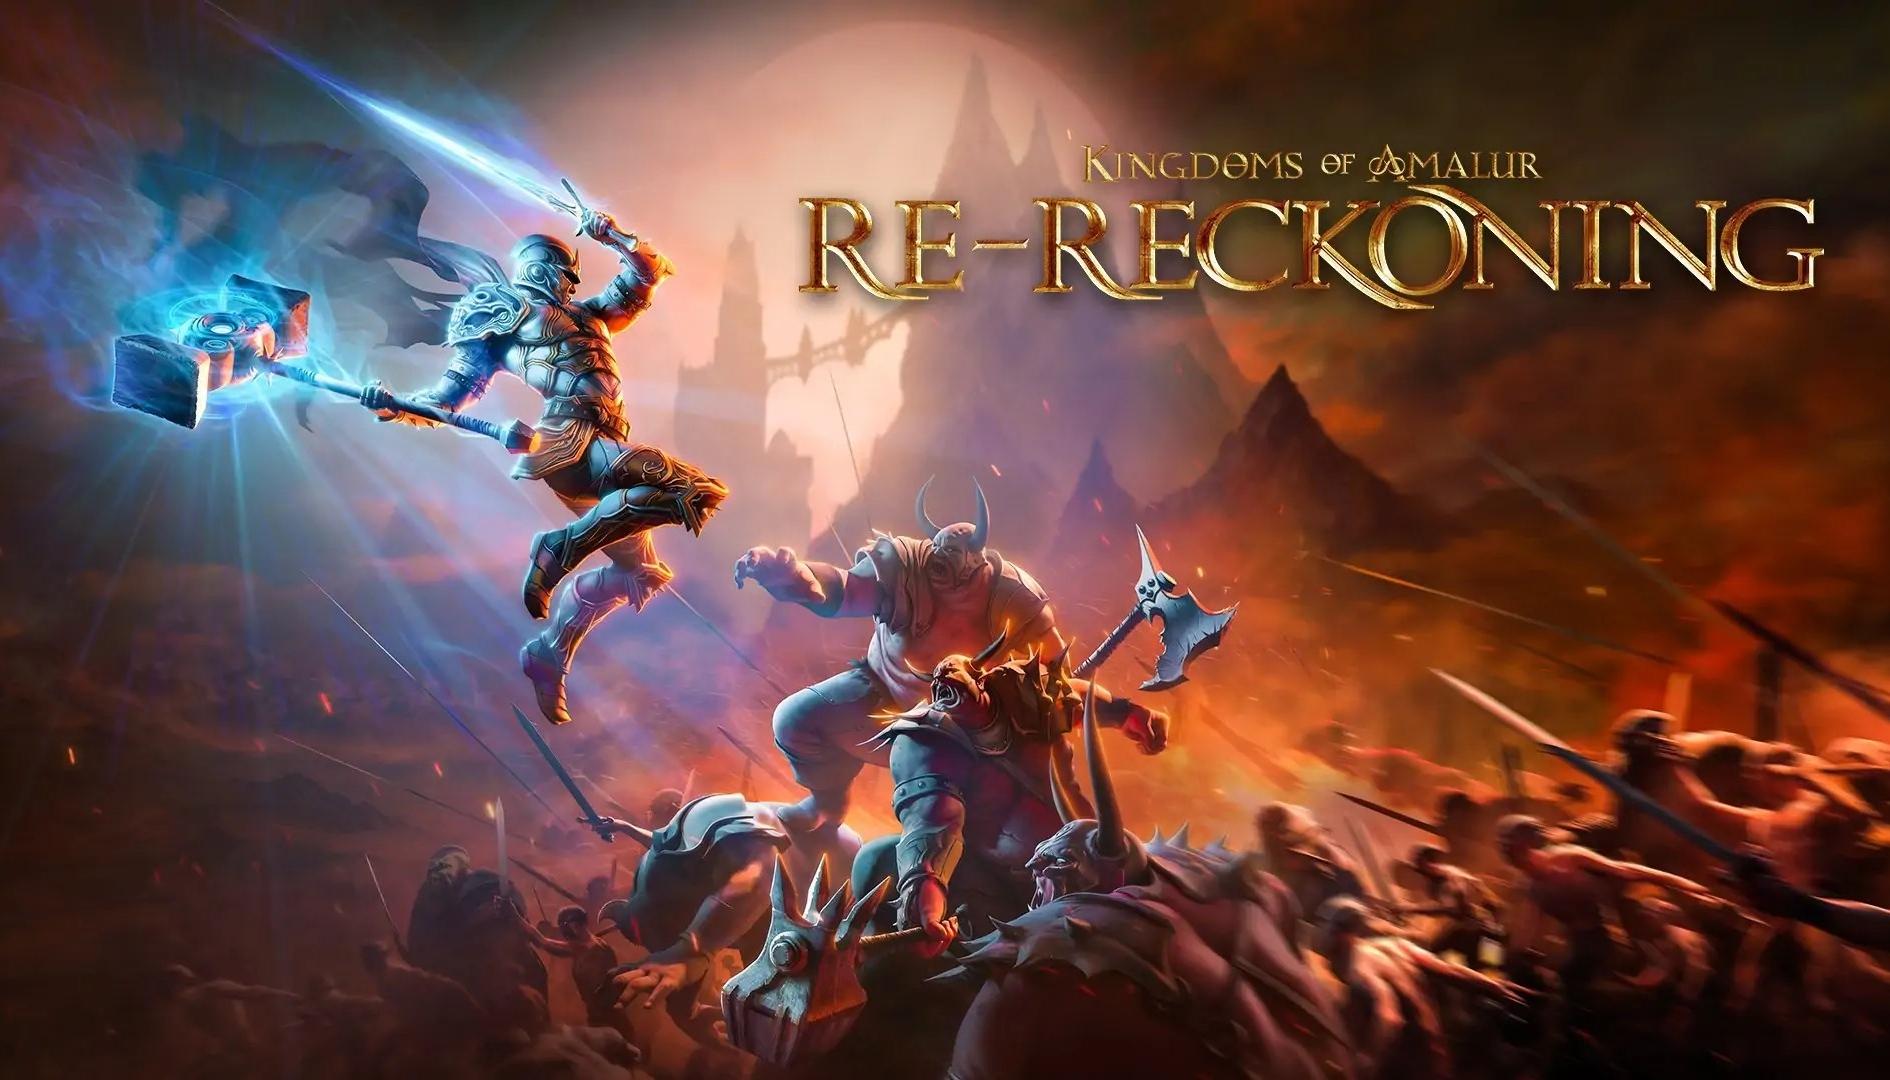 Kingdoms of Amalur Re-Reckoning annunciato ufficialmente